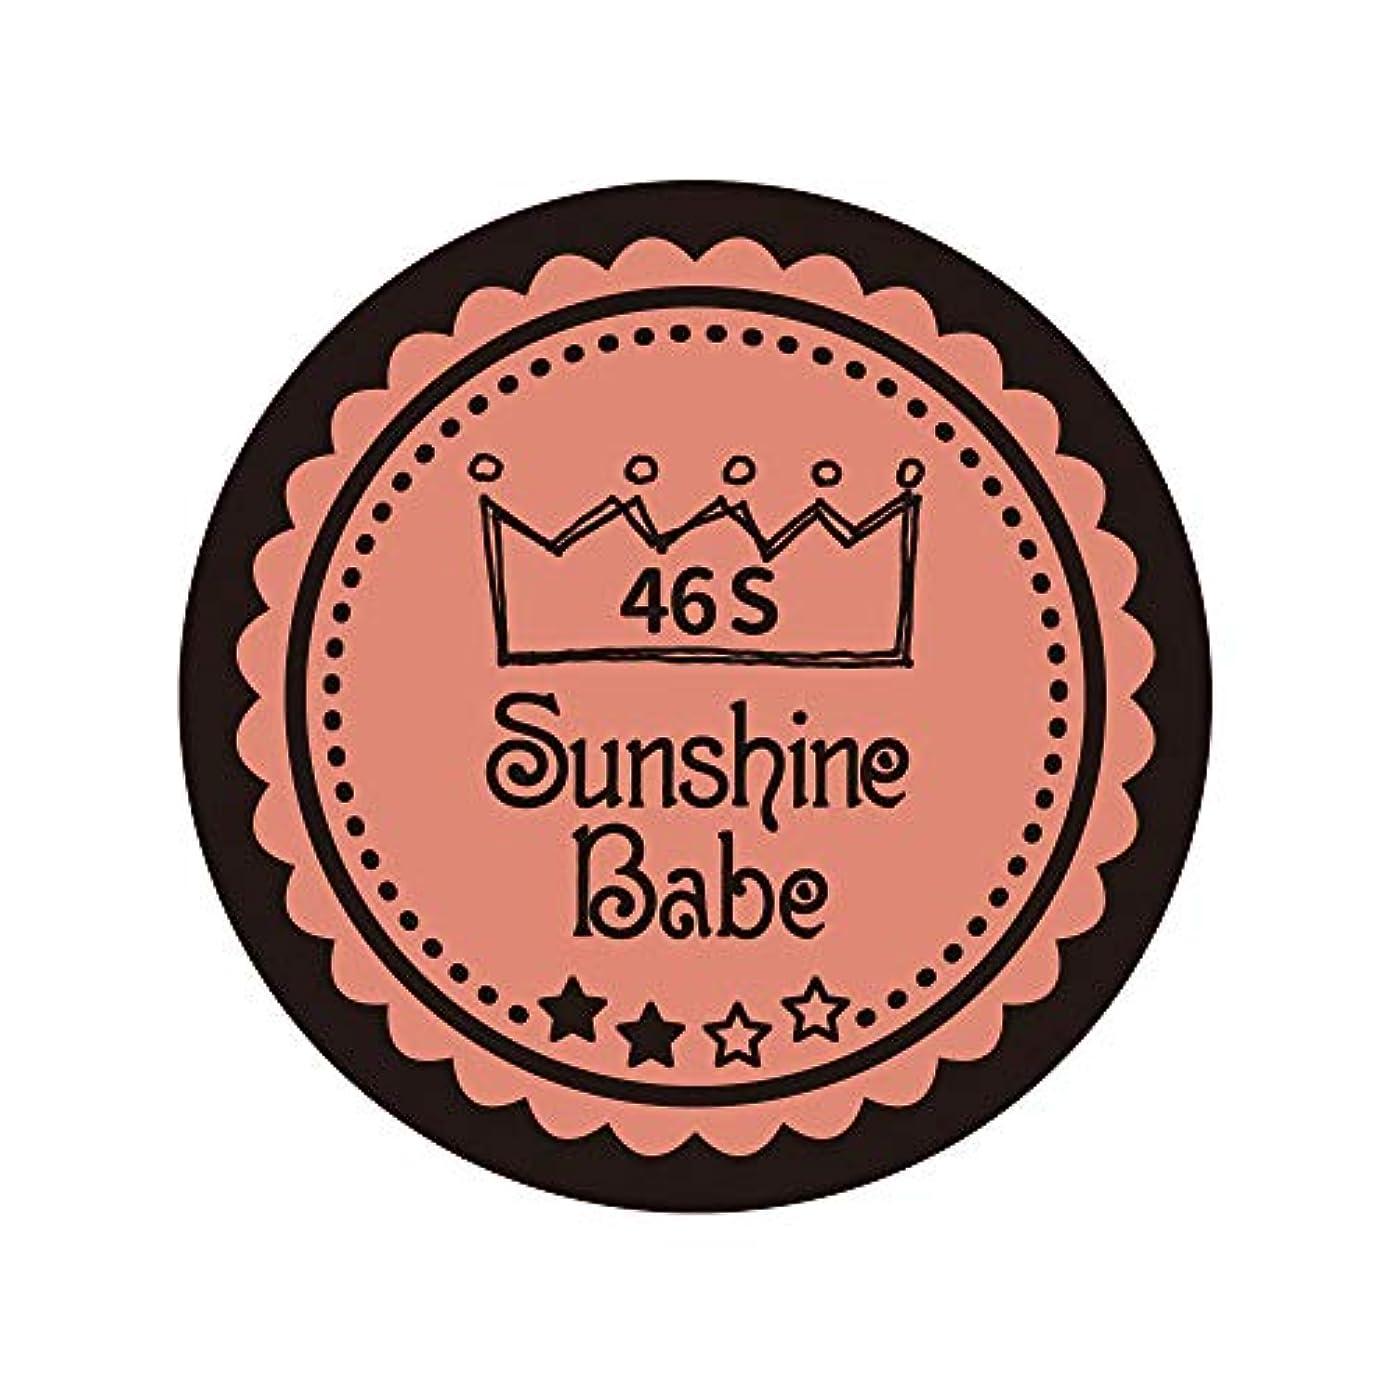 乗って大きさ傑作Sunshine Babe カラージェル 46S ピンクベージュ 2.7g UV/LED対応